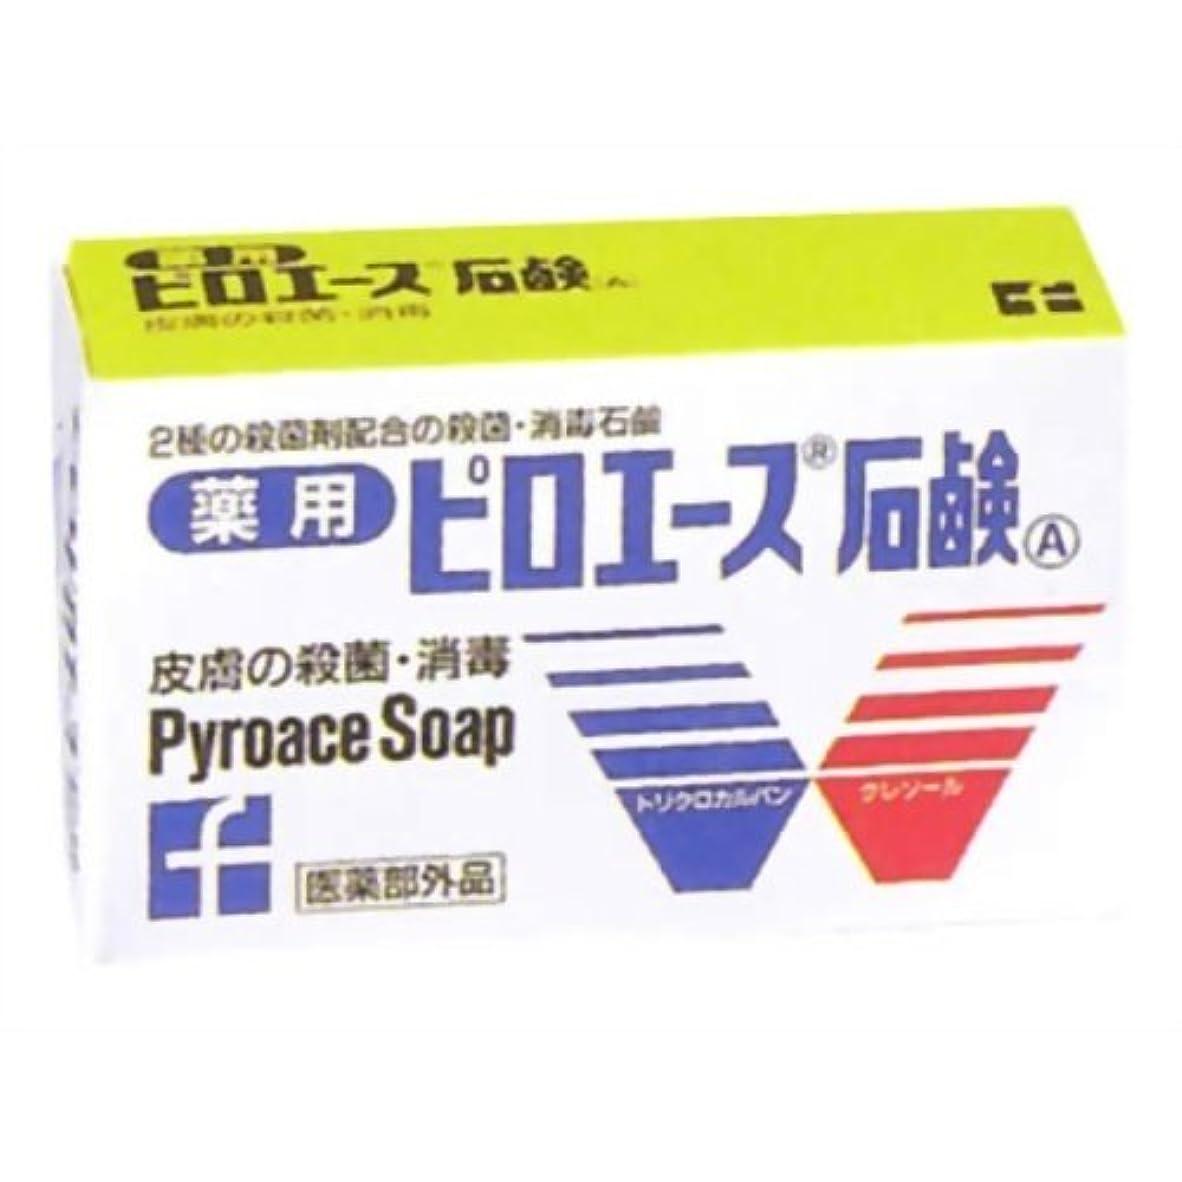 洗剤キャストヒューバートハドソン【第一三共ヘルスケア】ピロエース石鹸 70g